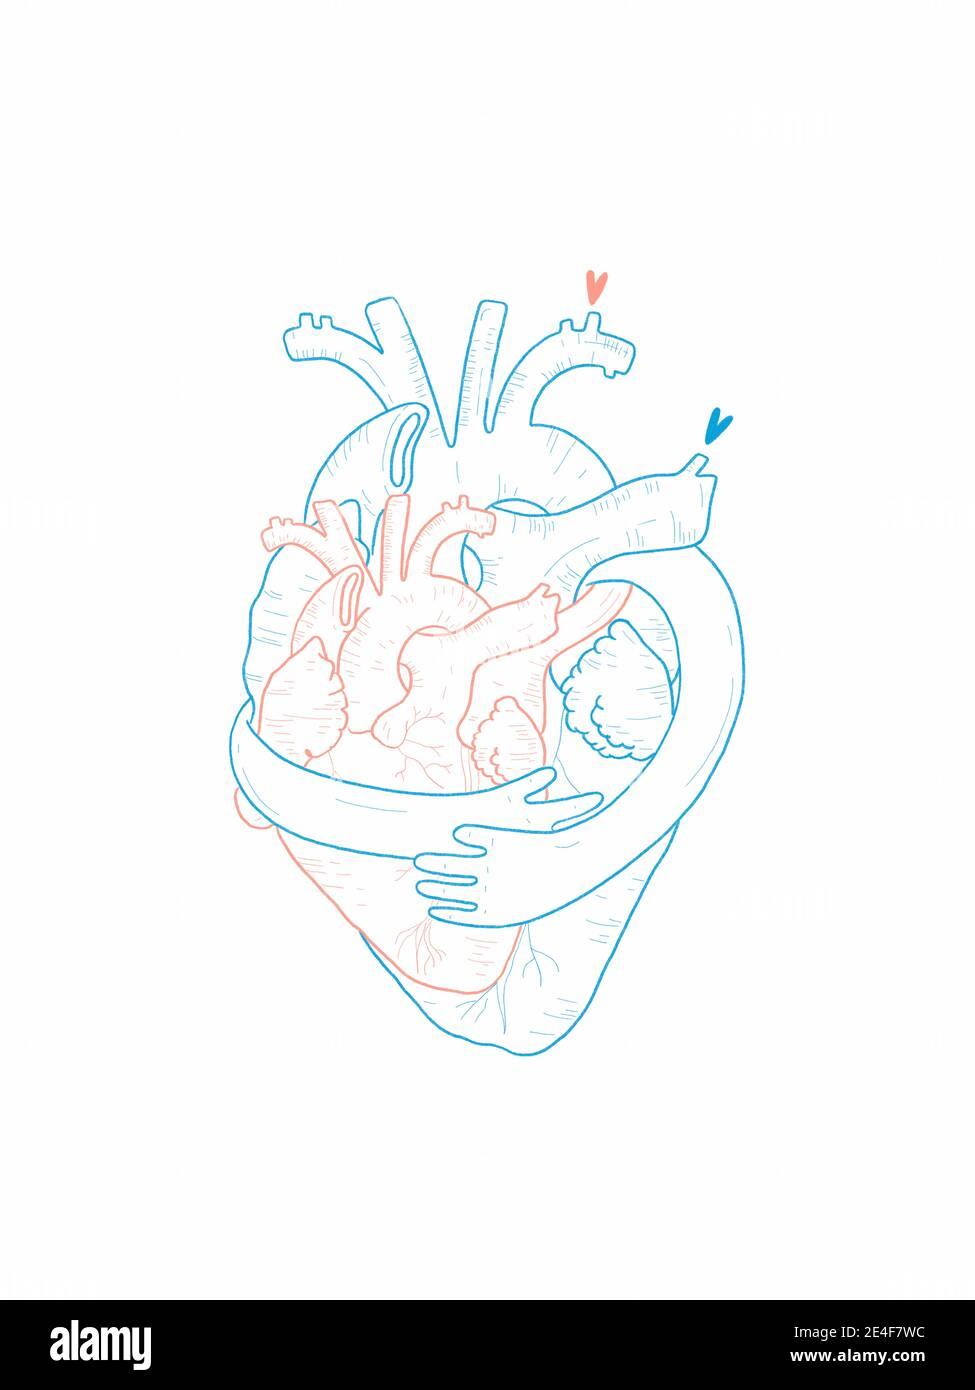 Dessin à la main Illustration de deux coeurs s'embrassant Banque D'Images